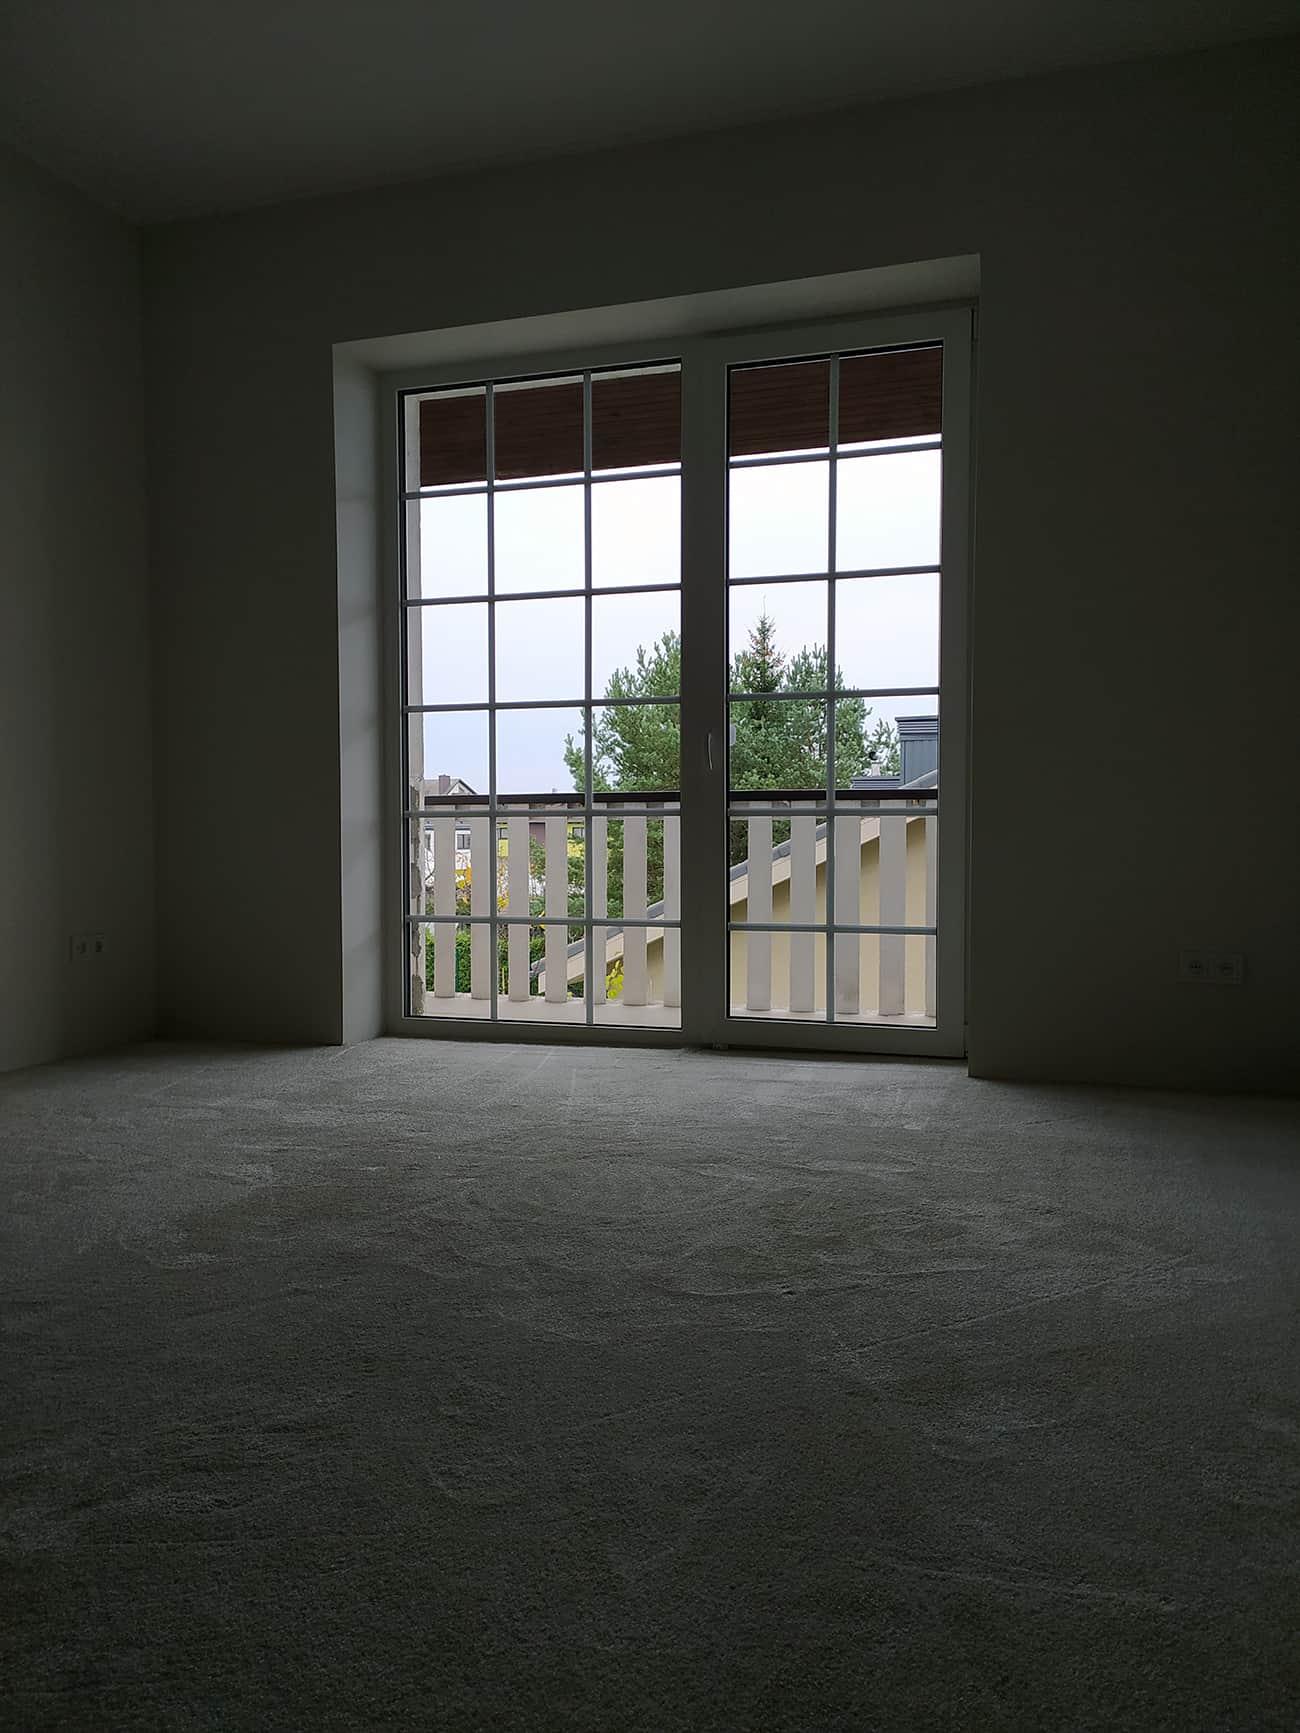 Kiliminės dangos vaizdas priešais langą